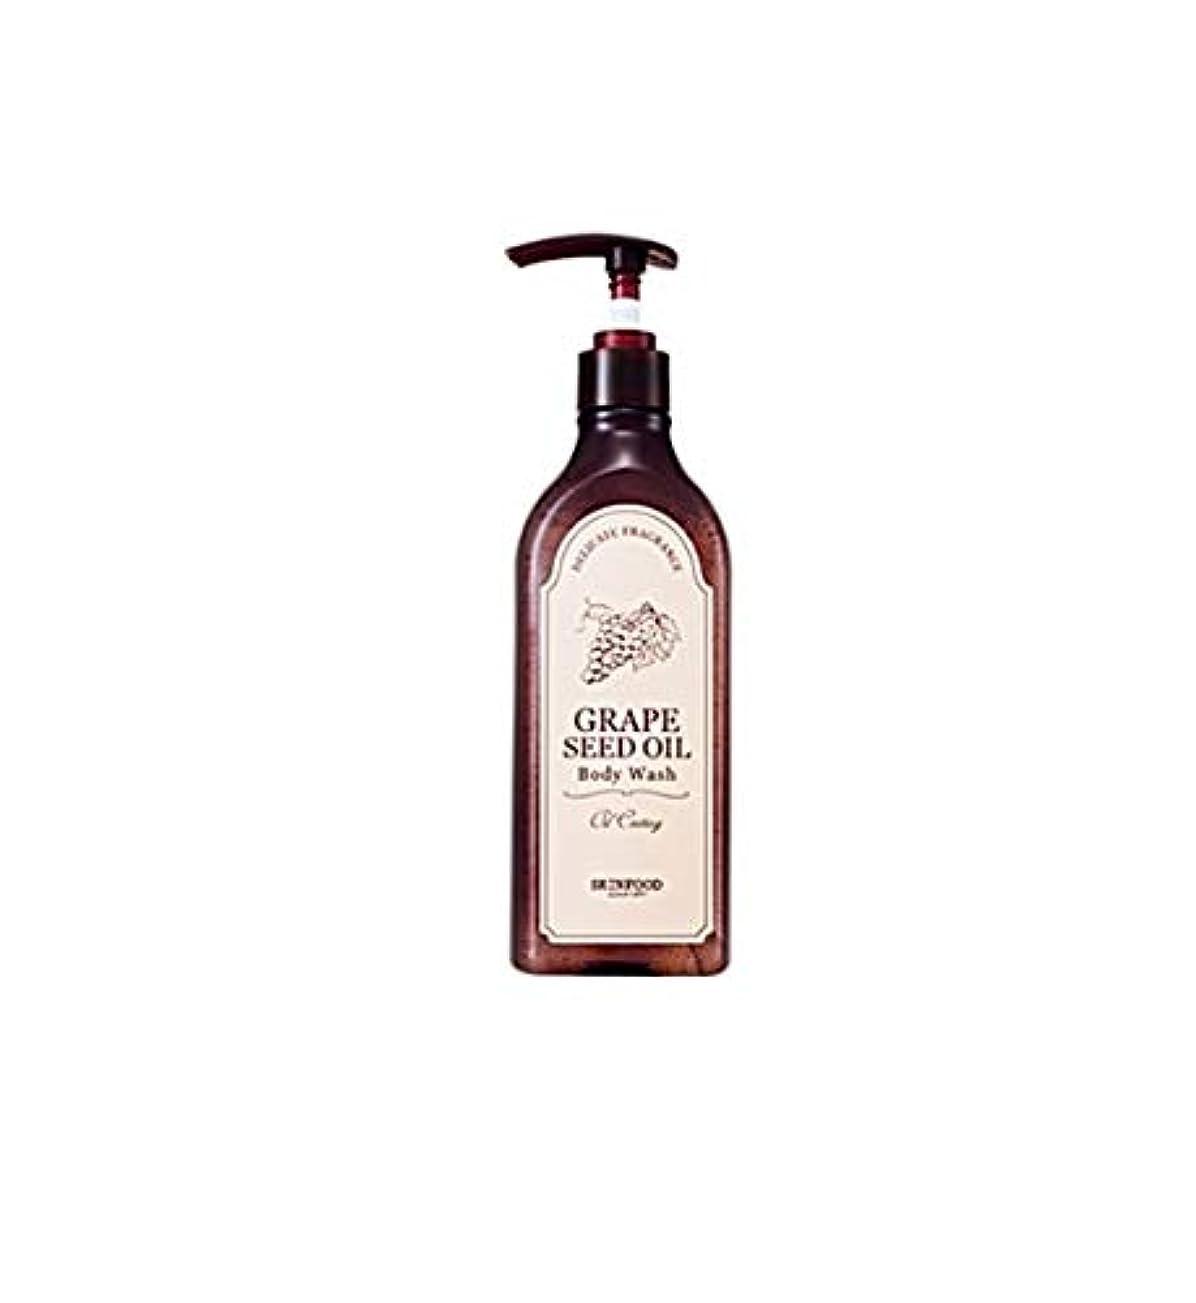 瞑想的名誉ある間Skinfood グレープシードオイルボディウォッシュ/Grape Seed Oil Body Wash 335ml [並行輸入品]